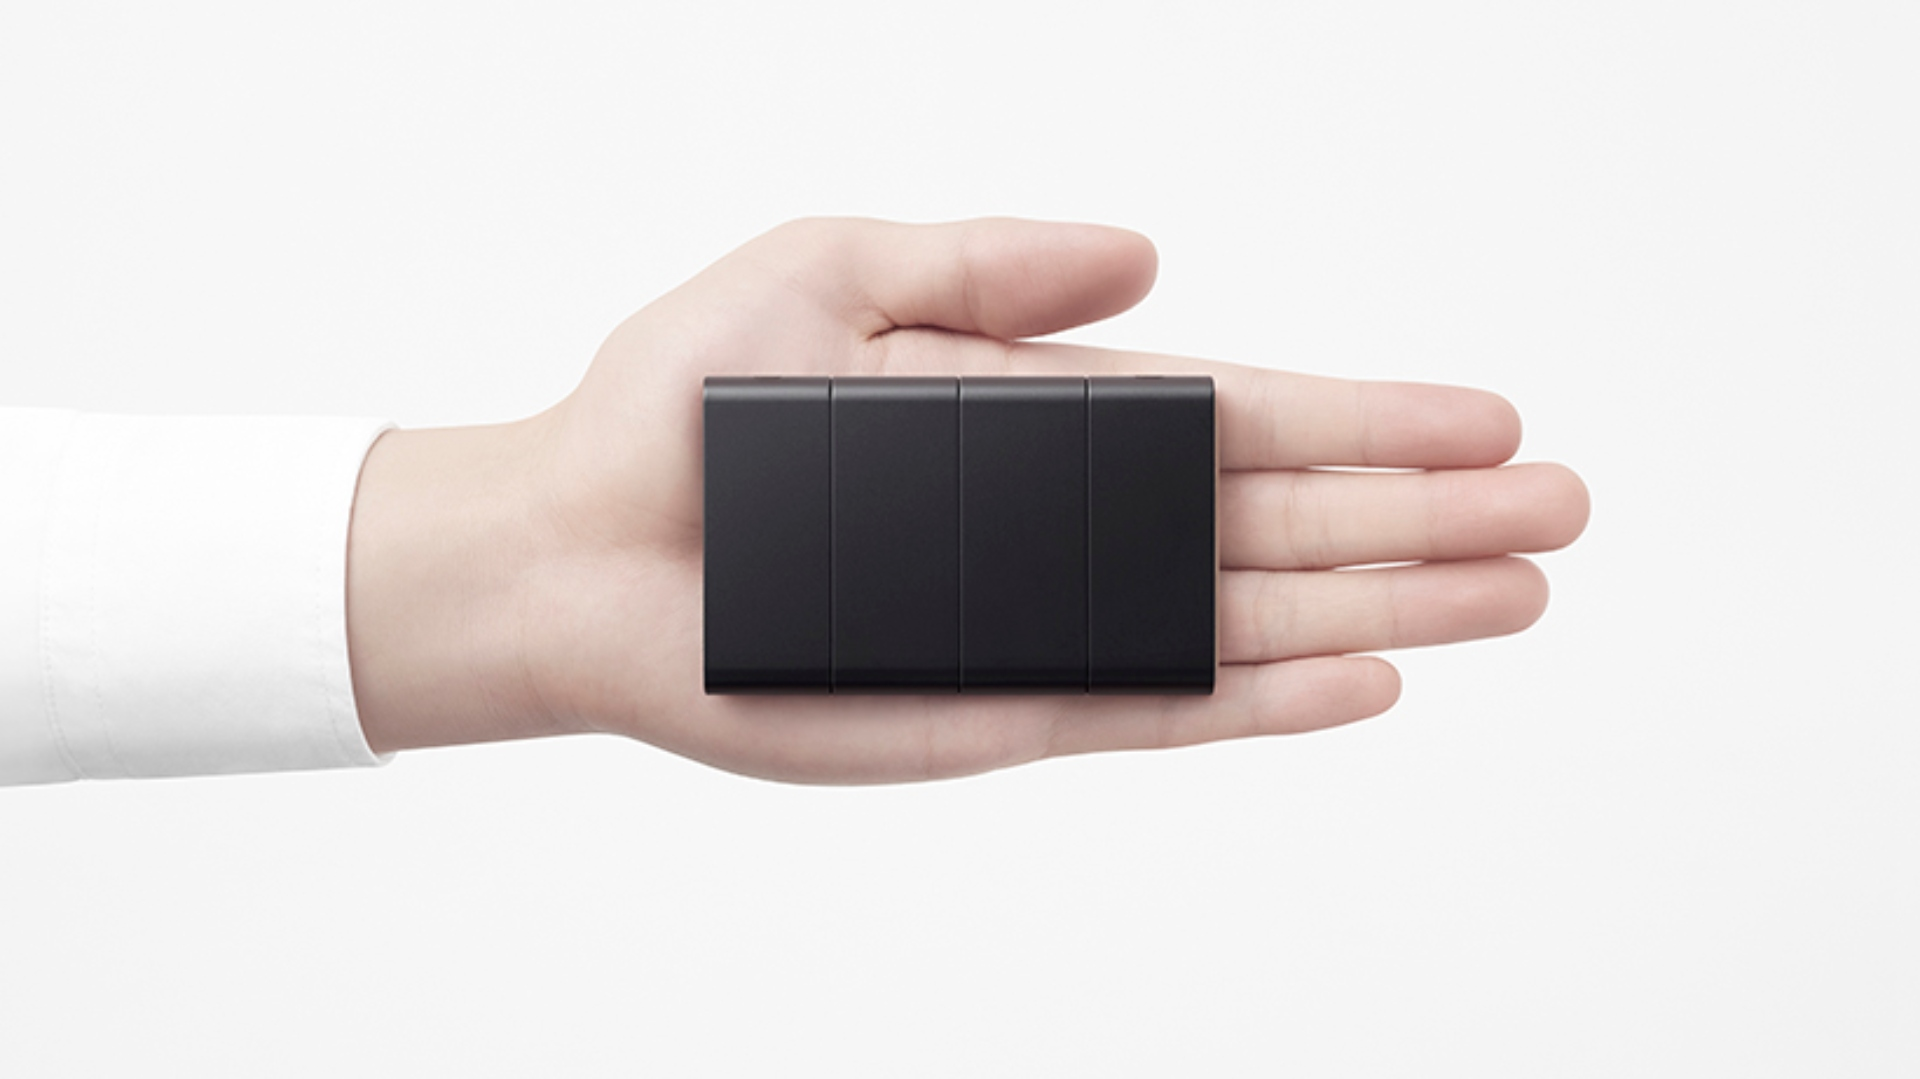 OPPO giới thiệu chiếc điện thoại thông minh có thể gập lại thành 3 5